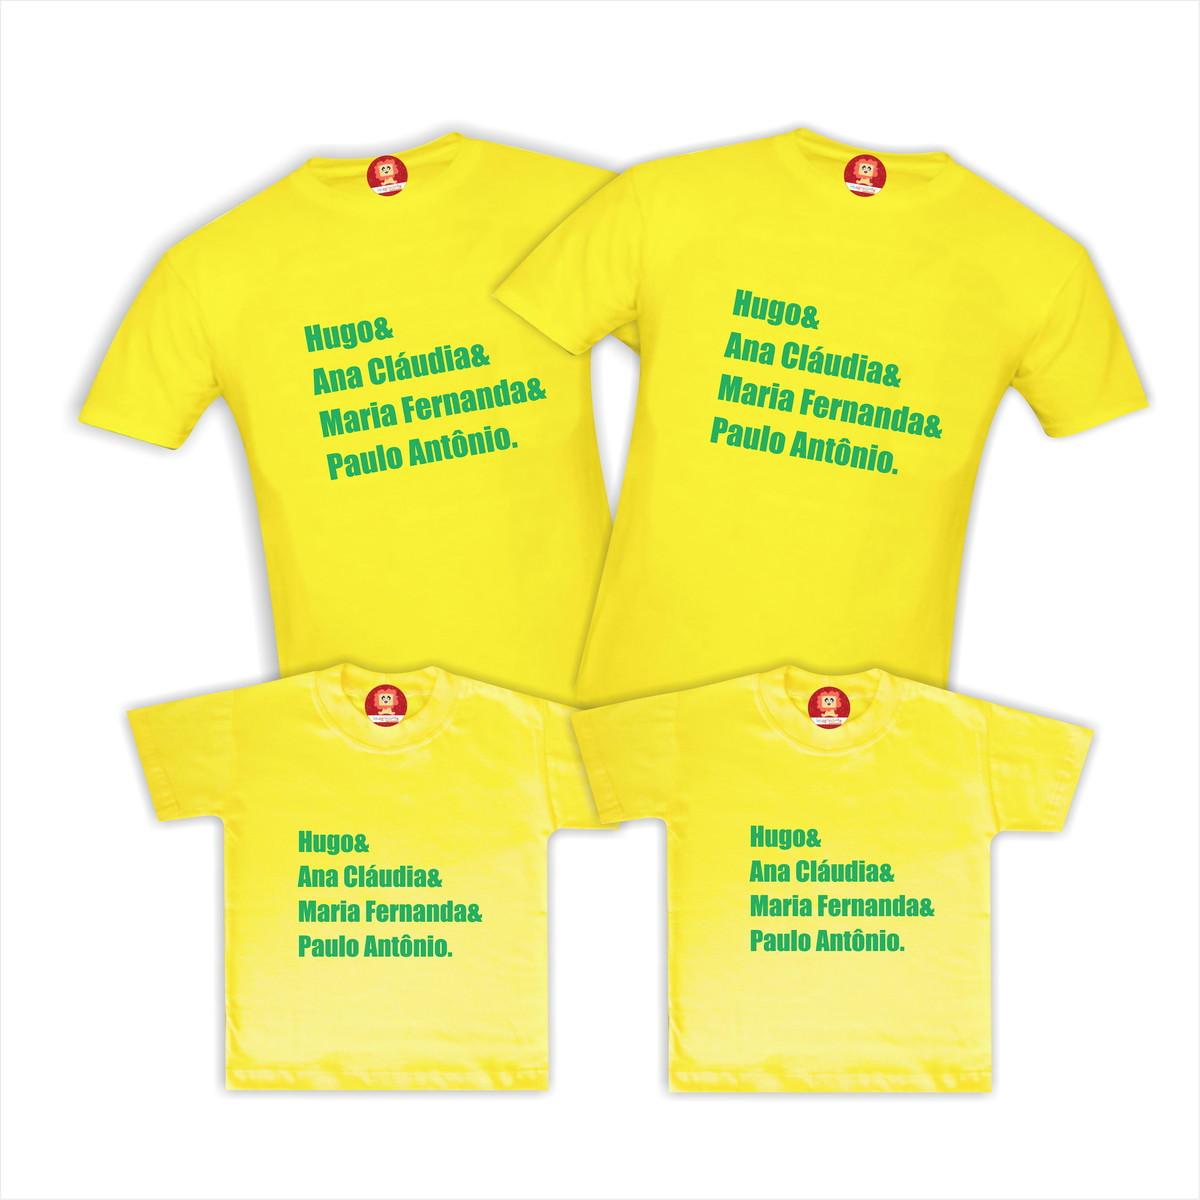 Camisetas Personalizadas com Nomes - BRASIL no Elo7  6f151db892d7d